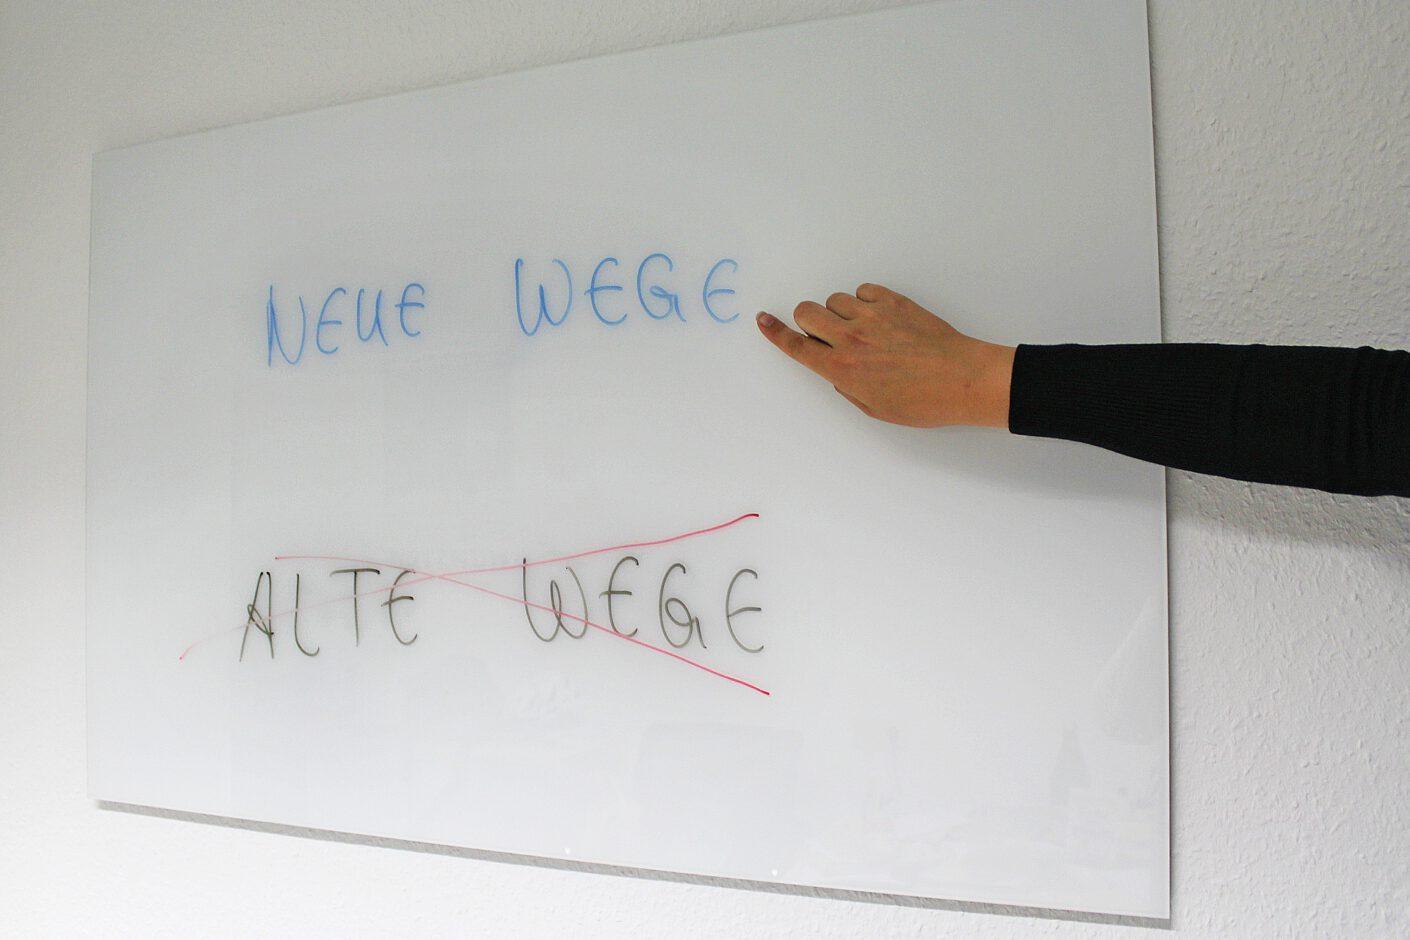 Foto: Whiteboard mit Text Neue Wege Alte Wege und einer richtungsweisenden Hand